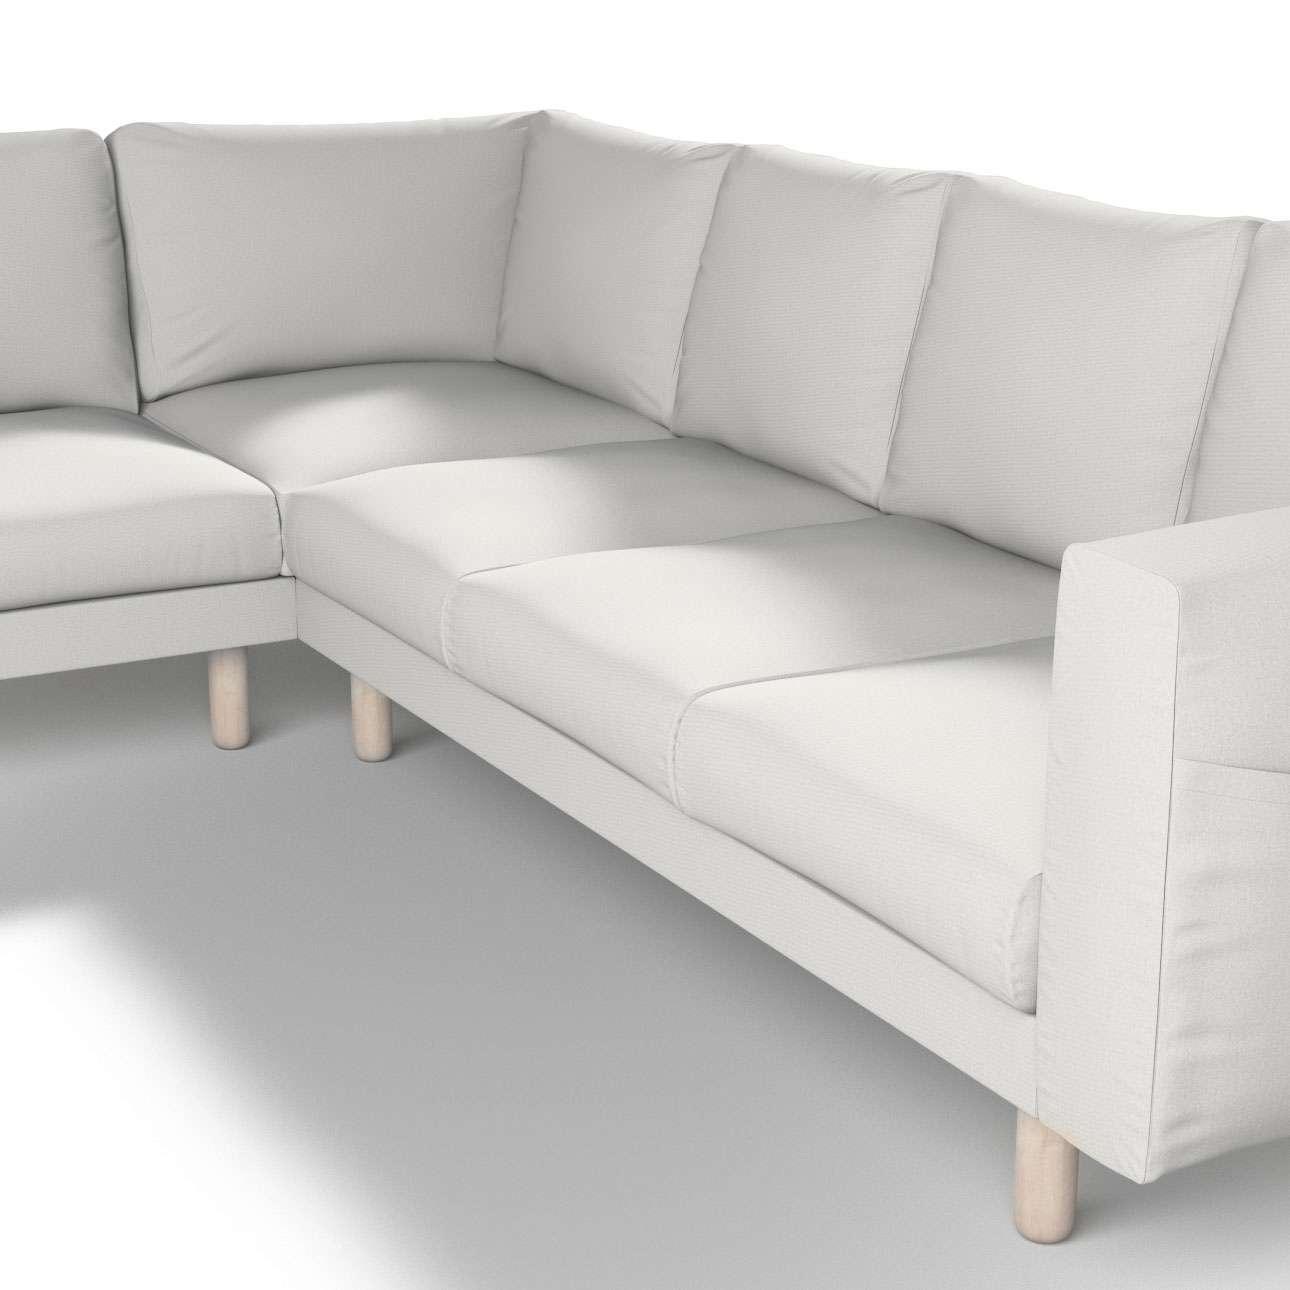 Pokrowiec na sofę narożną Norsborg 5-osobową w kolekcji Etna, tkanina: 705-90